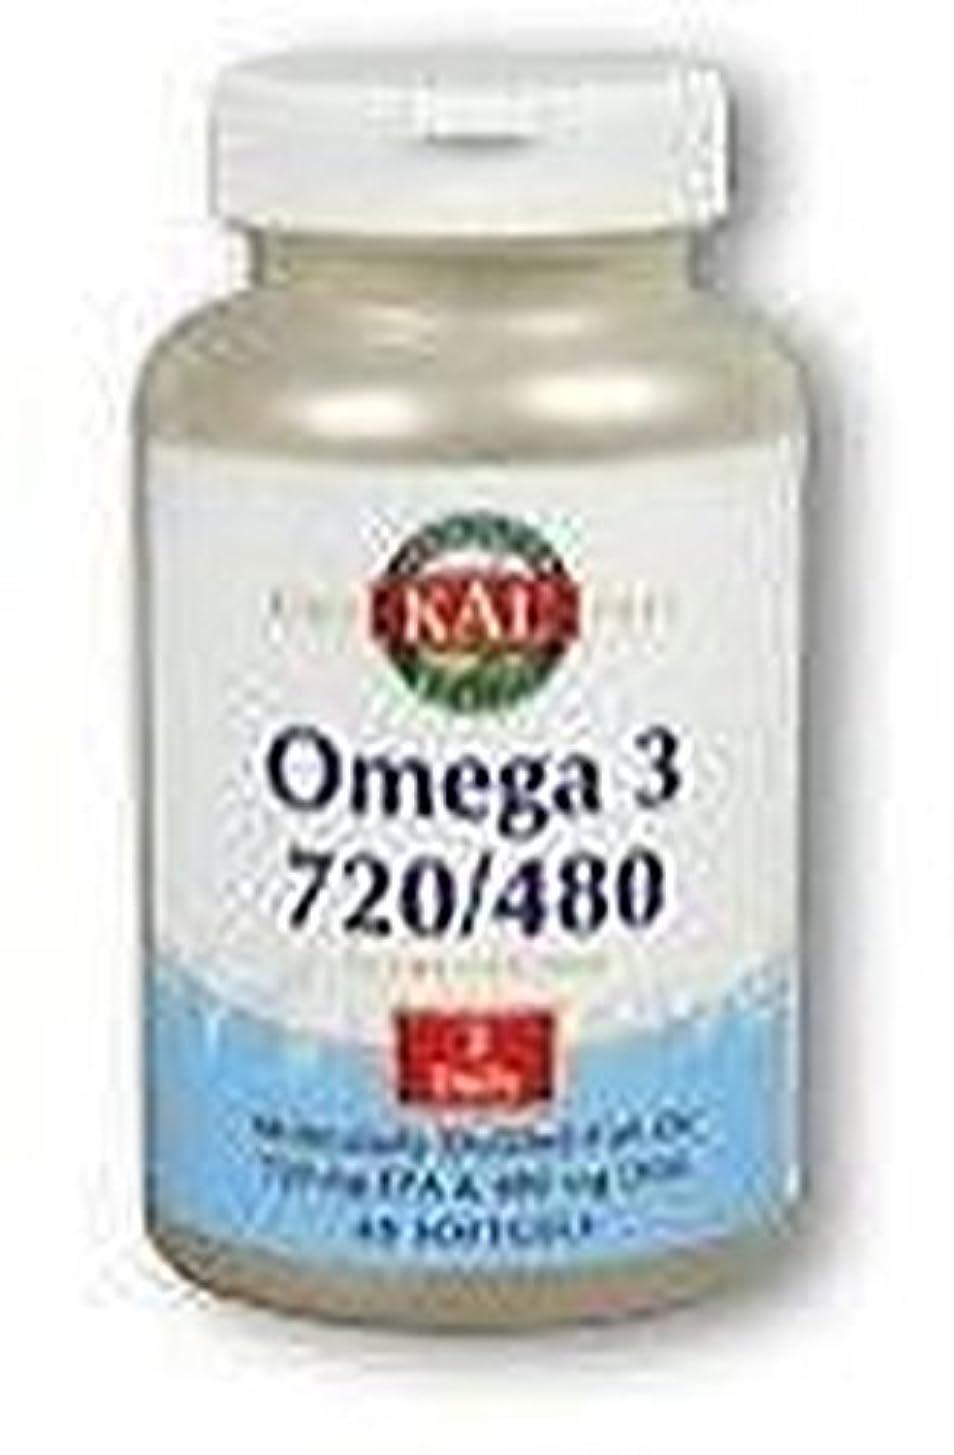 さびたホステス好戦的なオメガ3 720/480 60粒 ソフトジェル KAL(カル)[海外直送品]